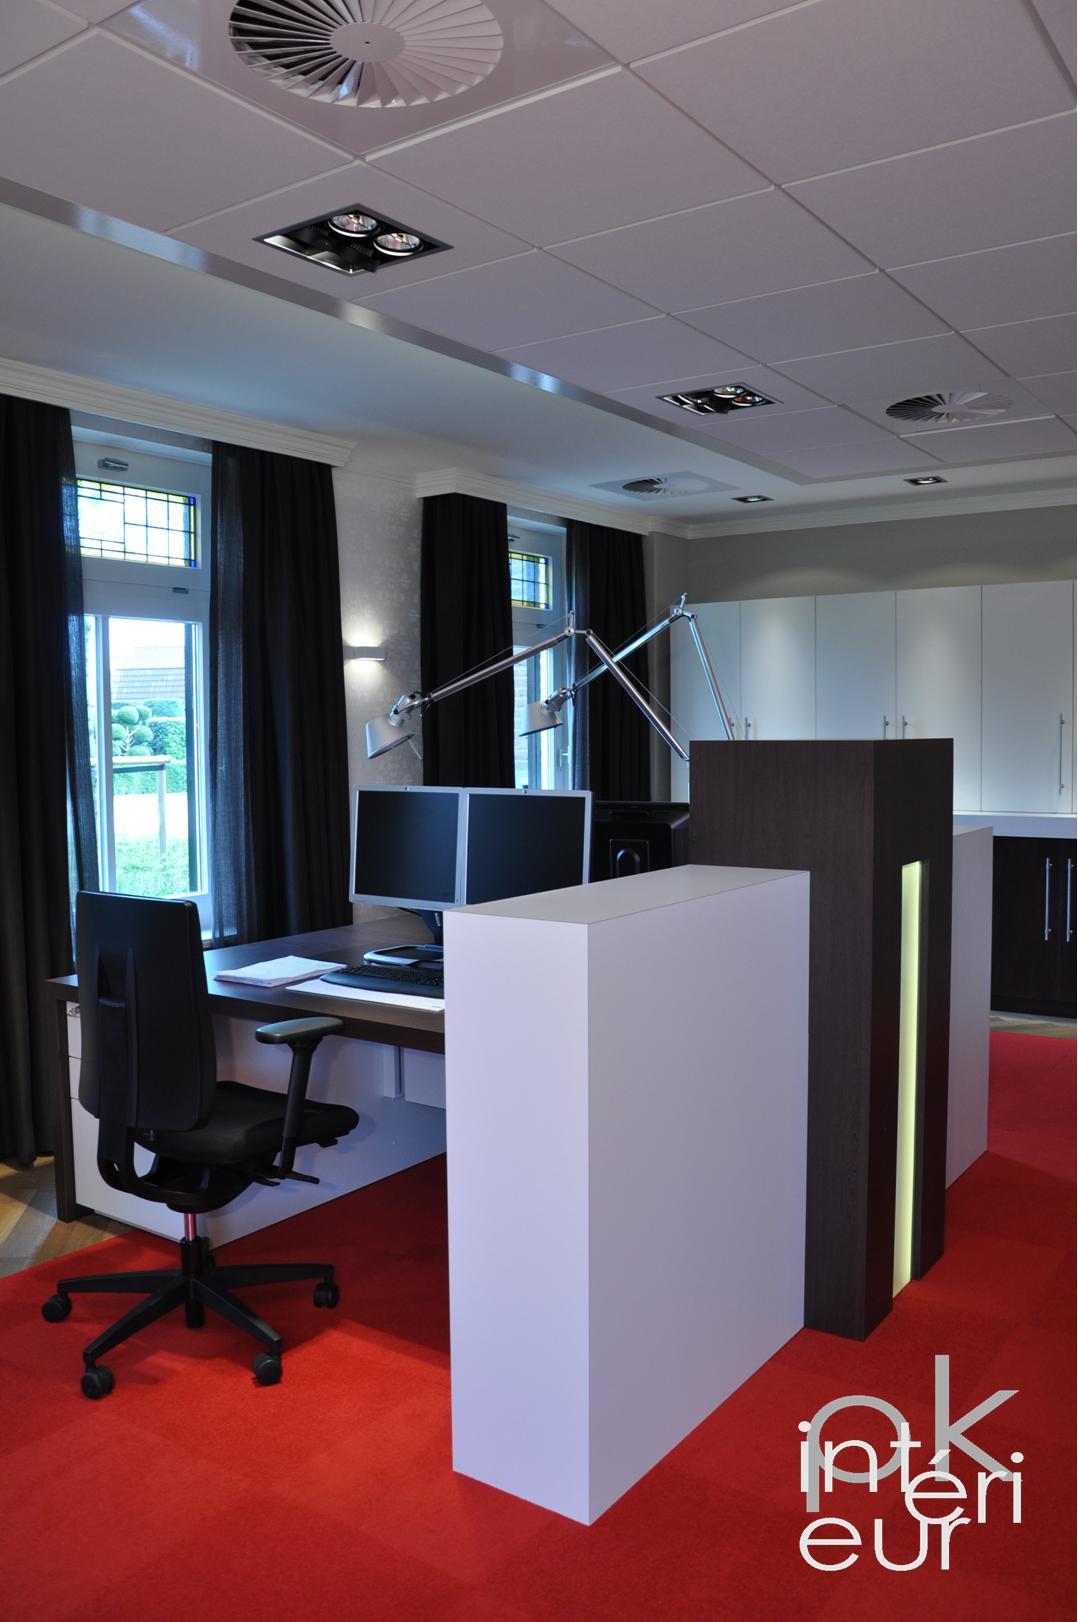 conception d int rieur et design de mobilier de salle de r union pictures to pin on pinterest. Black Bedroom Furniture Sets. Home Design Ideas